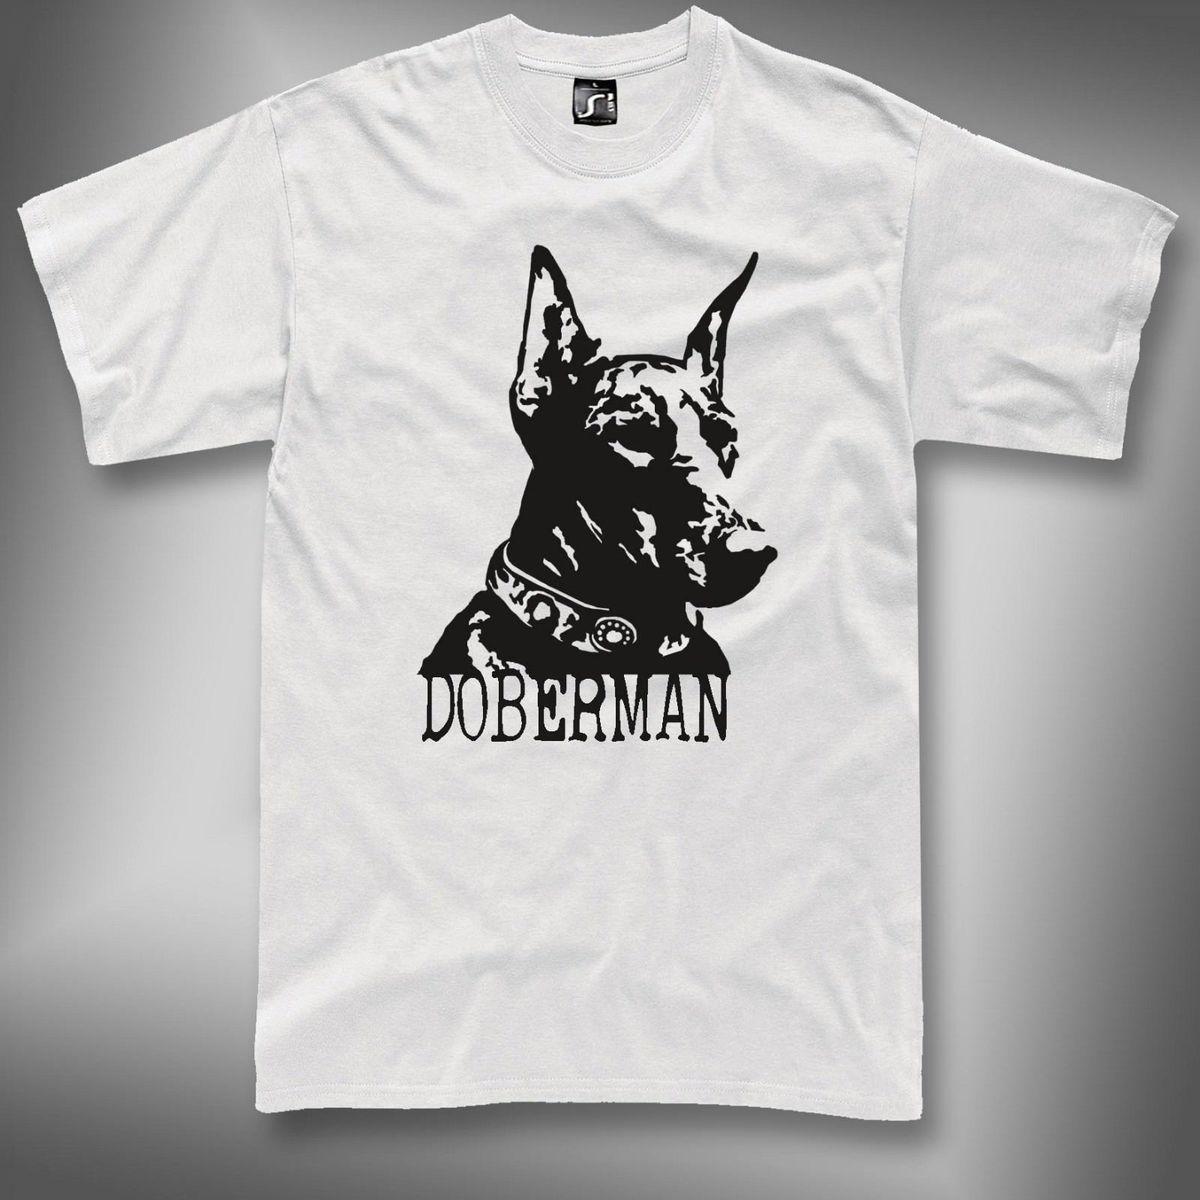 109395bb19e2a Doberman T Shirt Dog Doberman Pinscher Tshirt S 5XL Printing Tee Shirts  Cool Funny T Shirts From Yuxin0009, $14.67  DHgate.Com